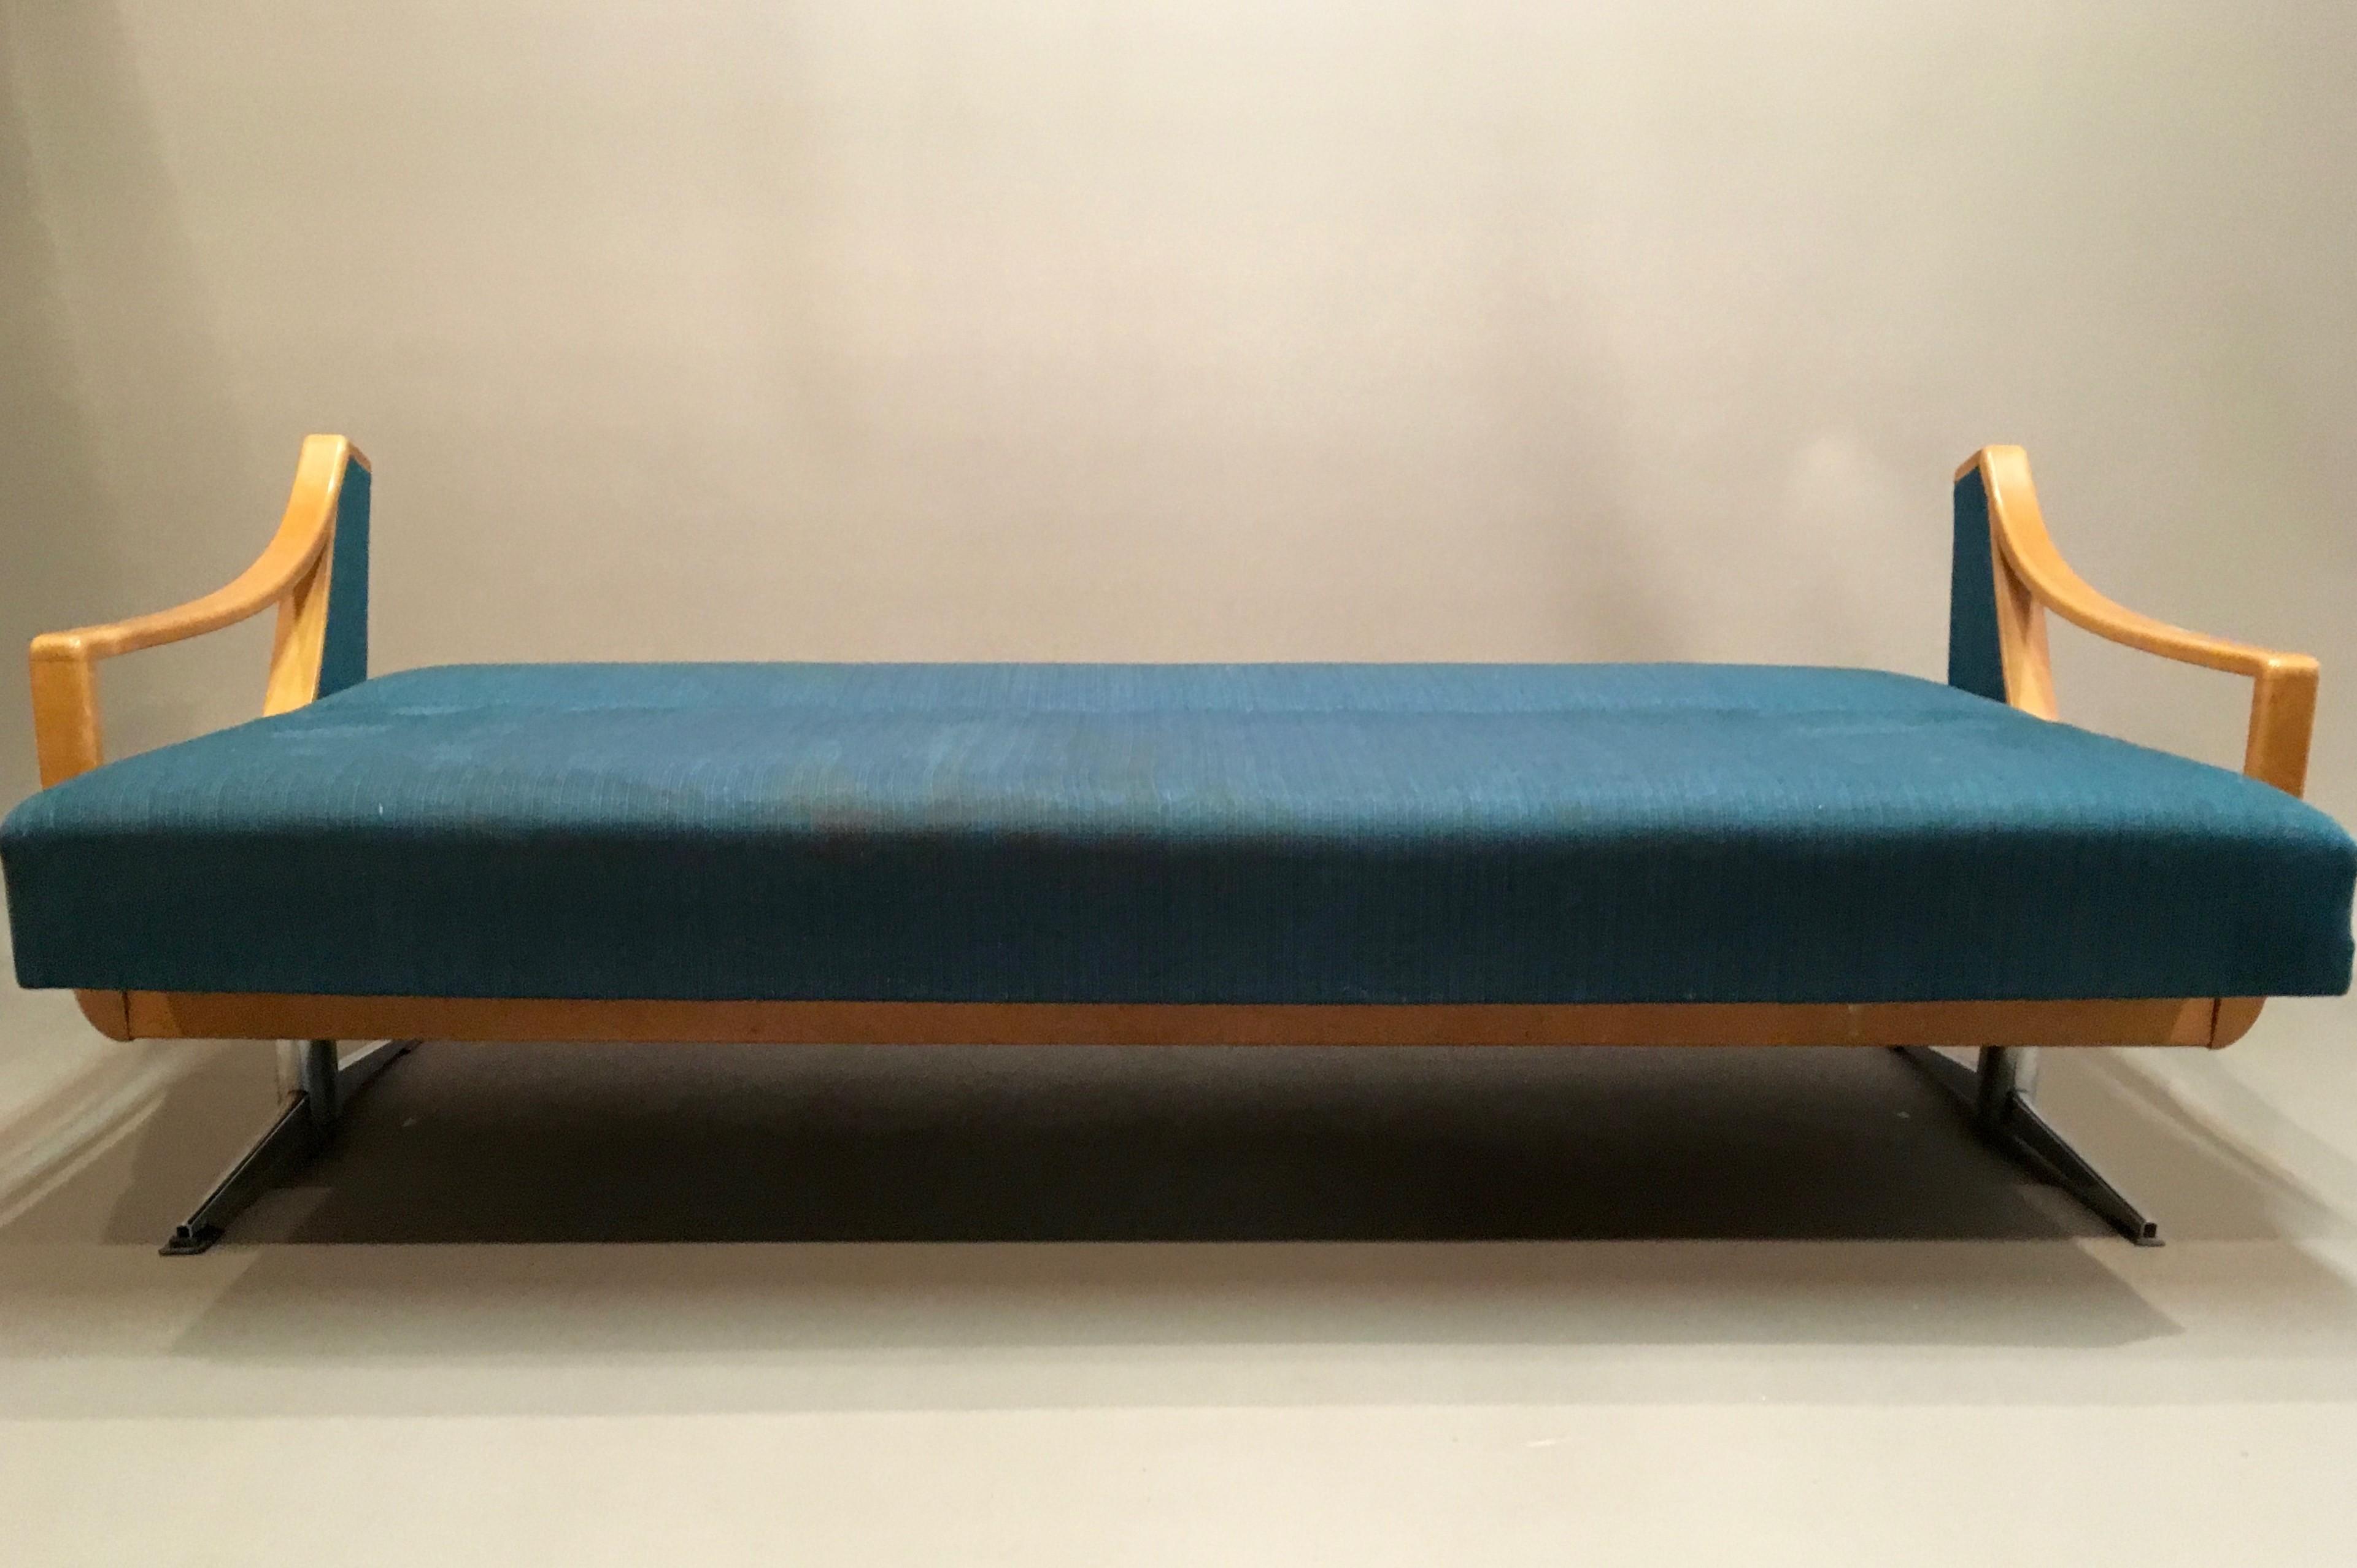 Daybed Scandinave scandinavian vintage sofa daybed - 1950s - design market